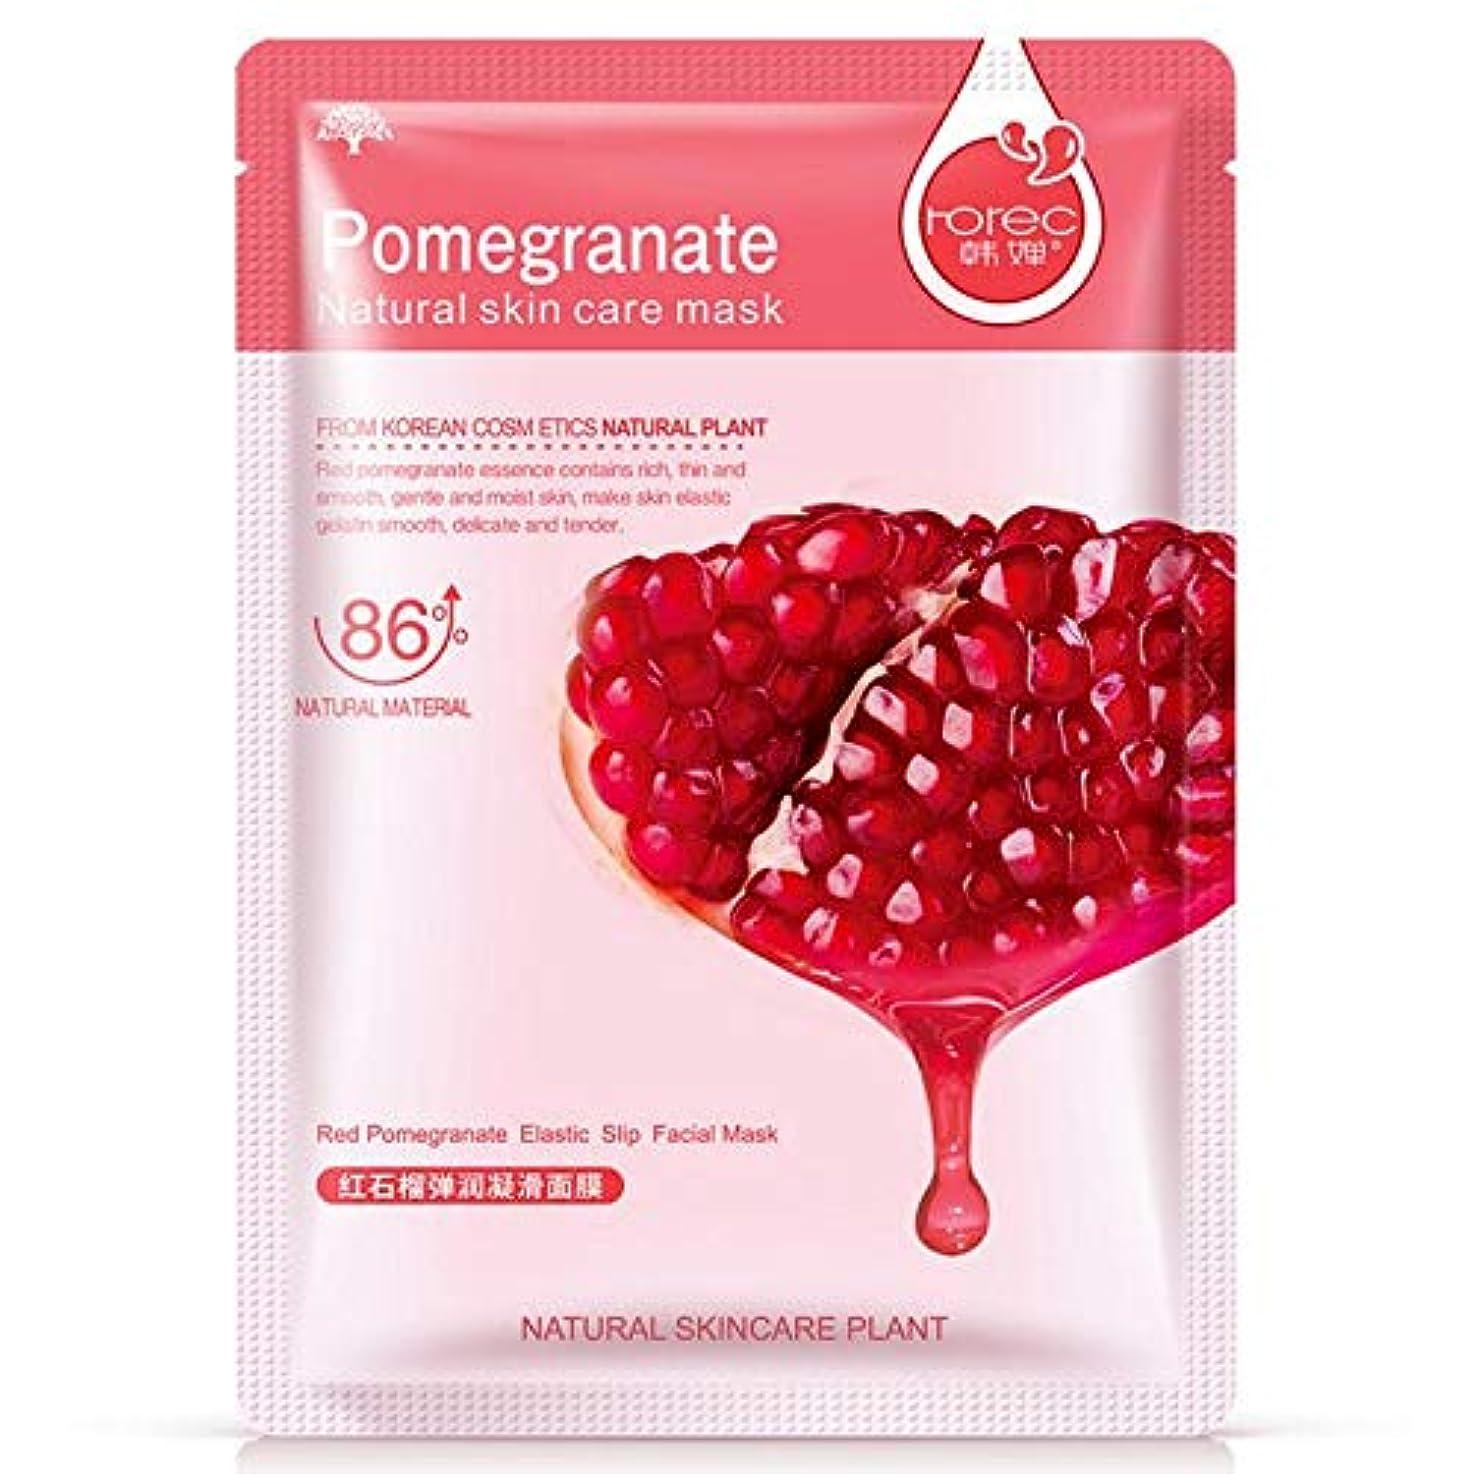 驚剥離バイアス(Pomegranate) Skin Care Plant Facial Mask Moisturizing Oil Control Blackhead Remover Wrapped Mask Face Mask Face...